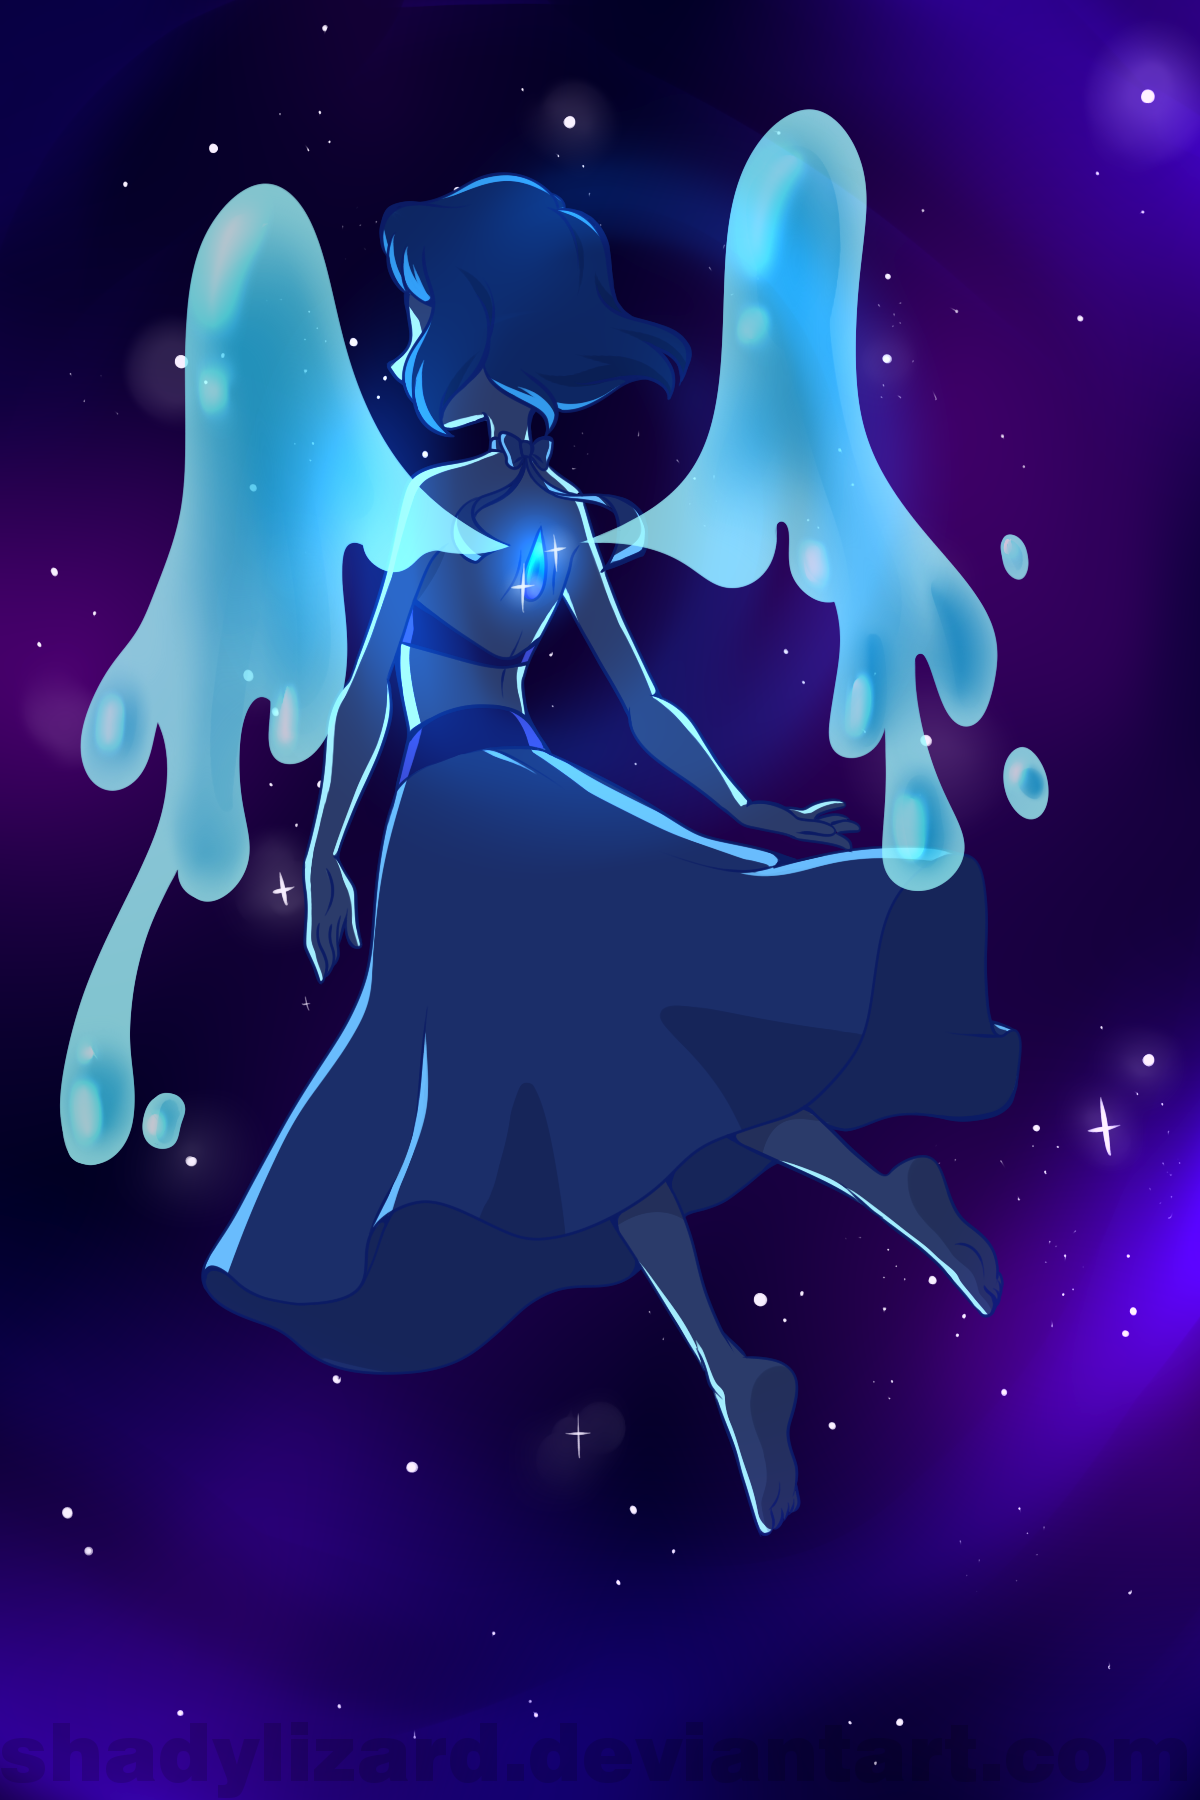 Te amo lazuli 😍